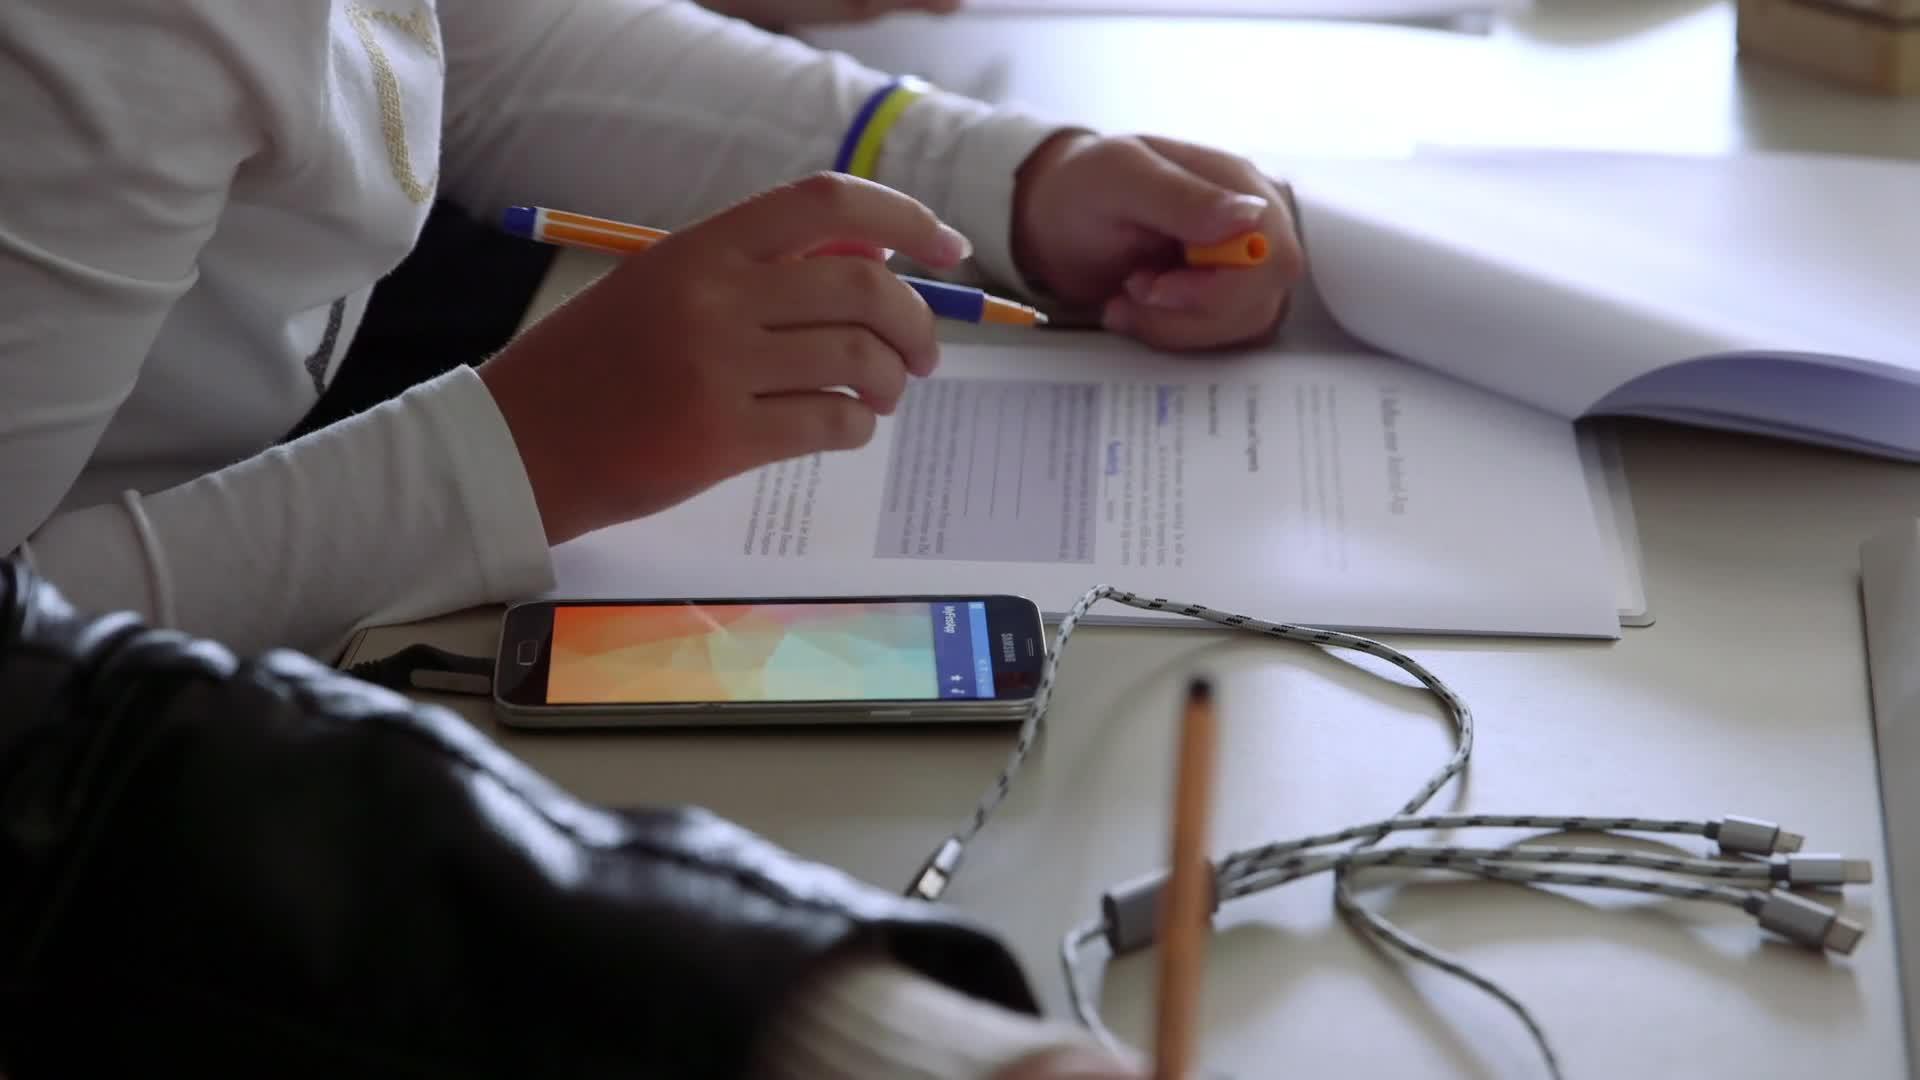 Jetzt geht's App - Android Programmierung leicht gemacht - das Mädchen-und-Technik Praktikum preview image